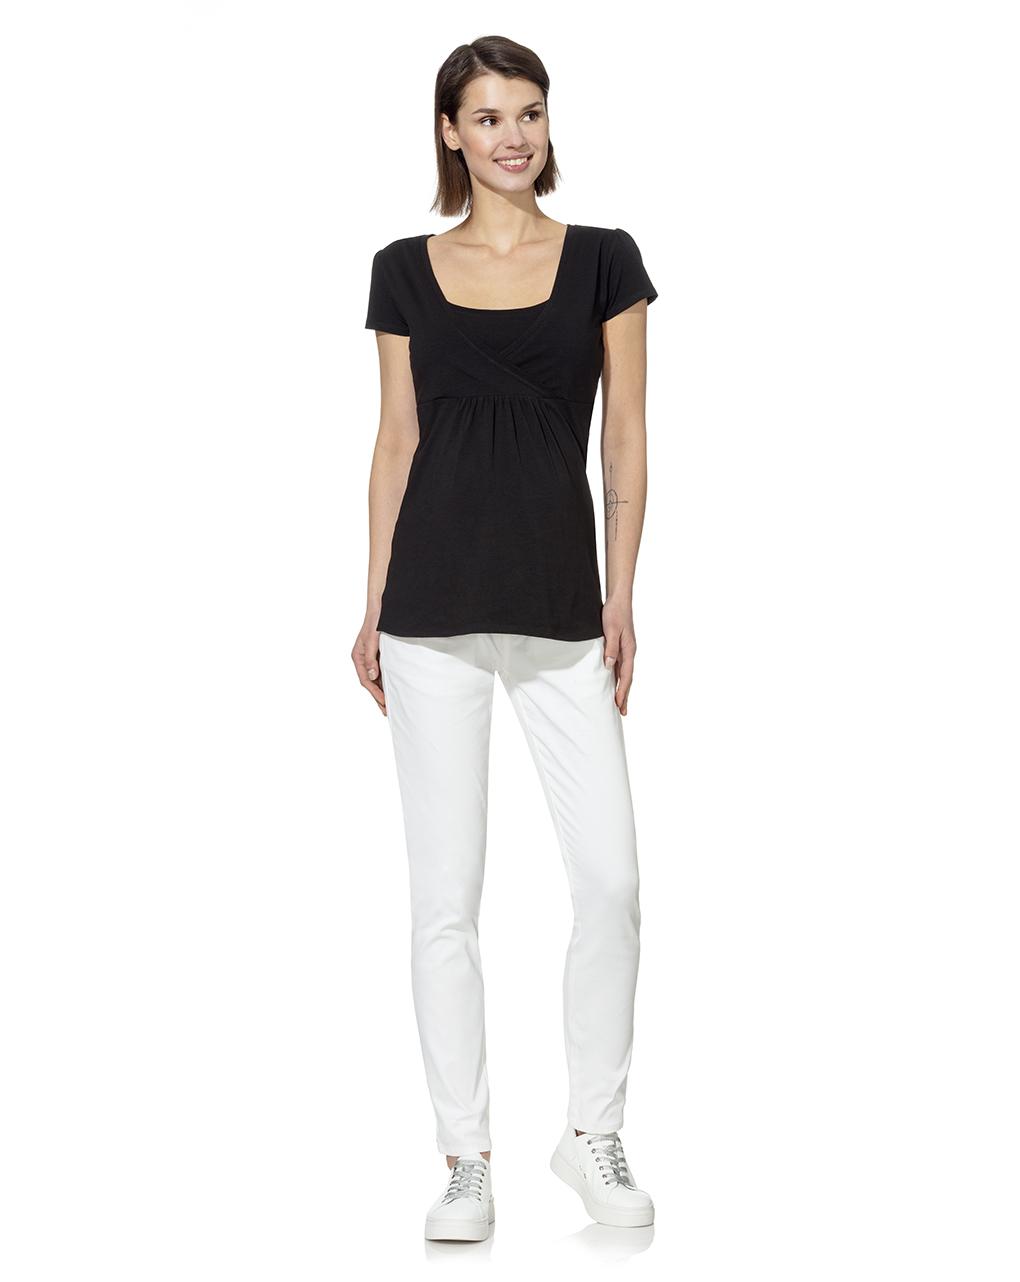 Γυναικείο T-Shirt Θηλασμού Μαύρο